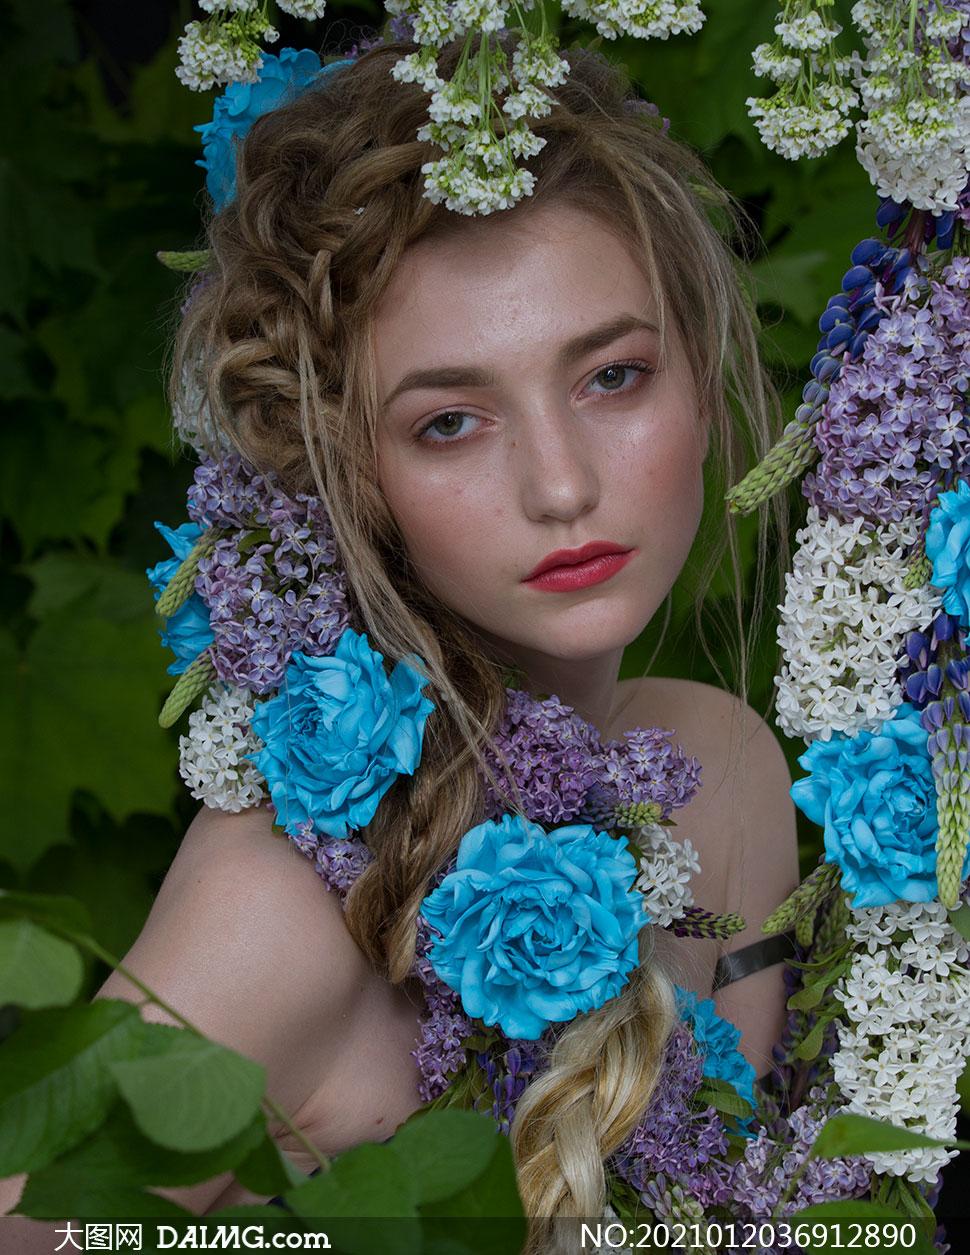 欧美香肩美女写真摄影高清原片素材